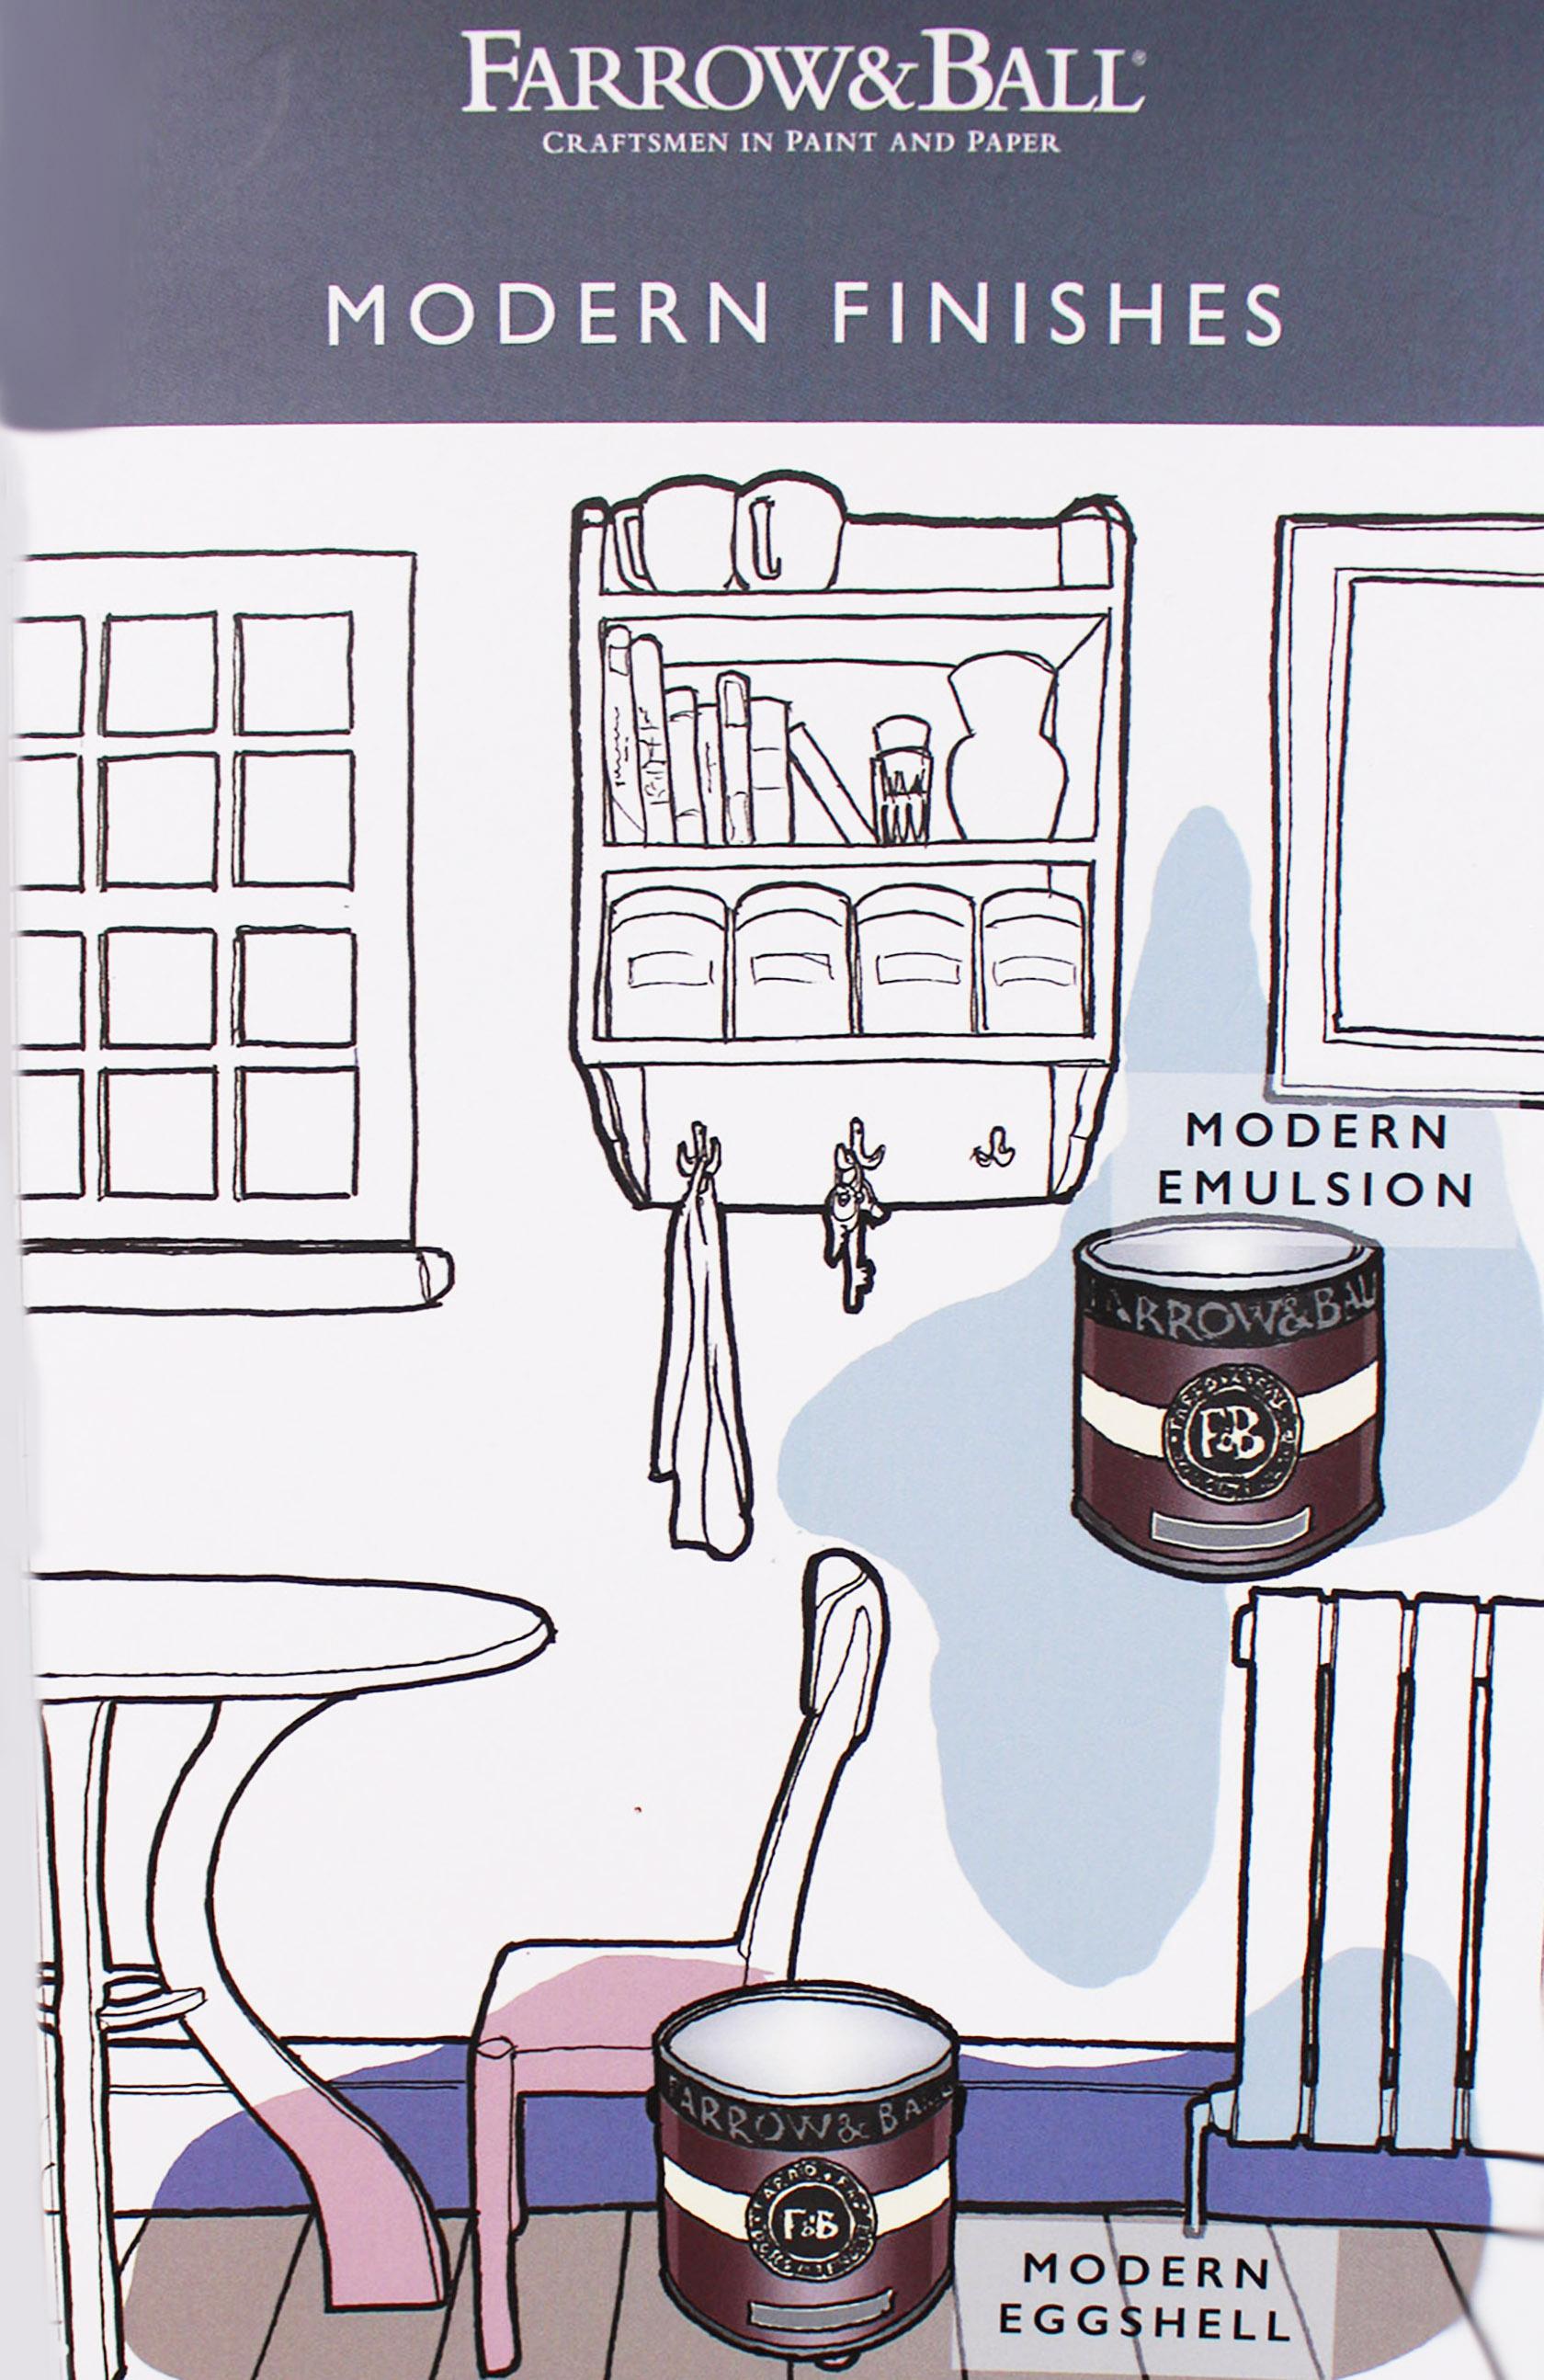 modern emulsion & modern eggshell